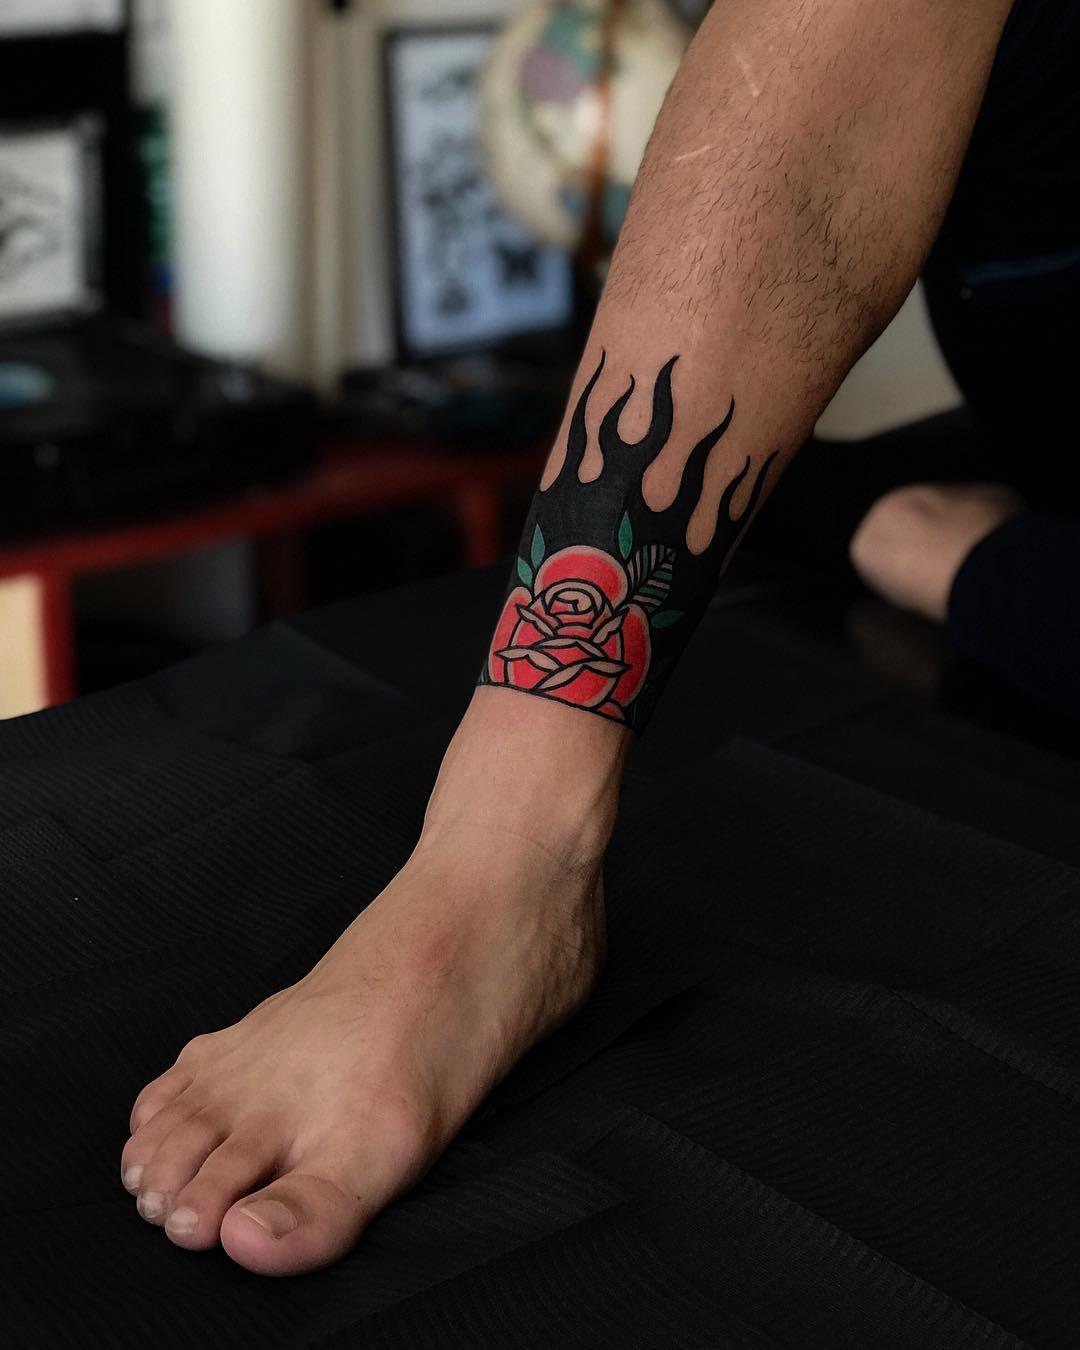 Rose on fire by tattooist Alejo GMZ